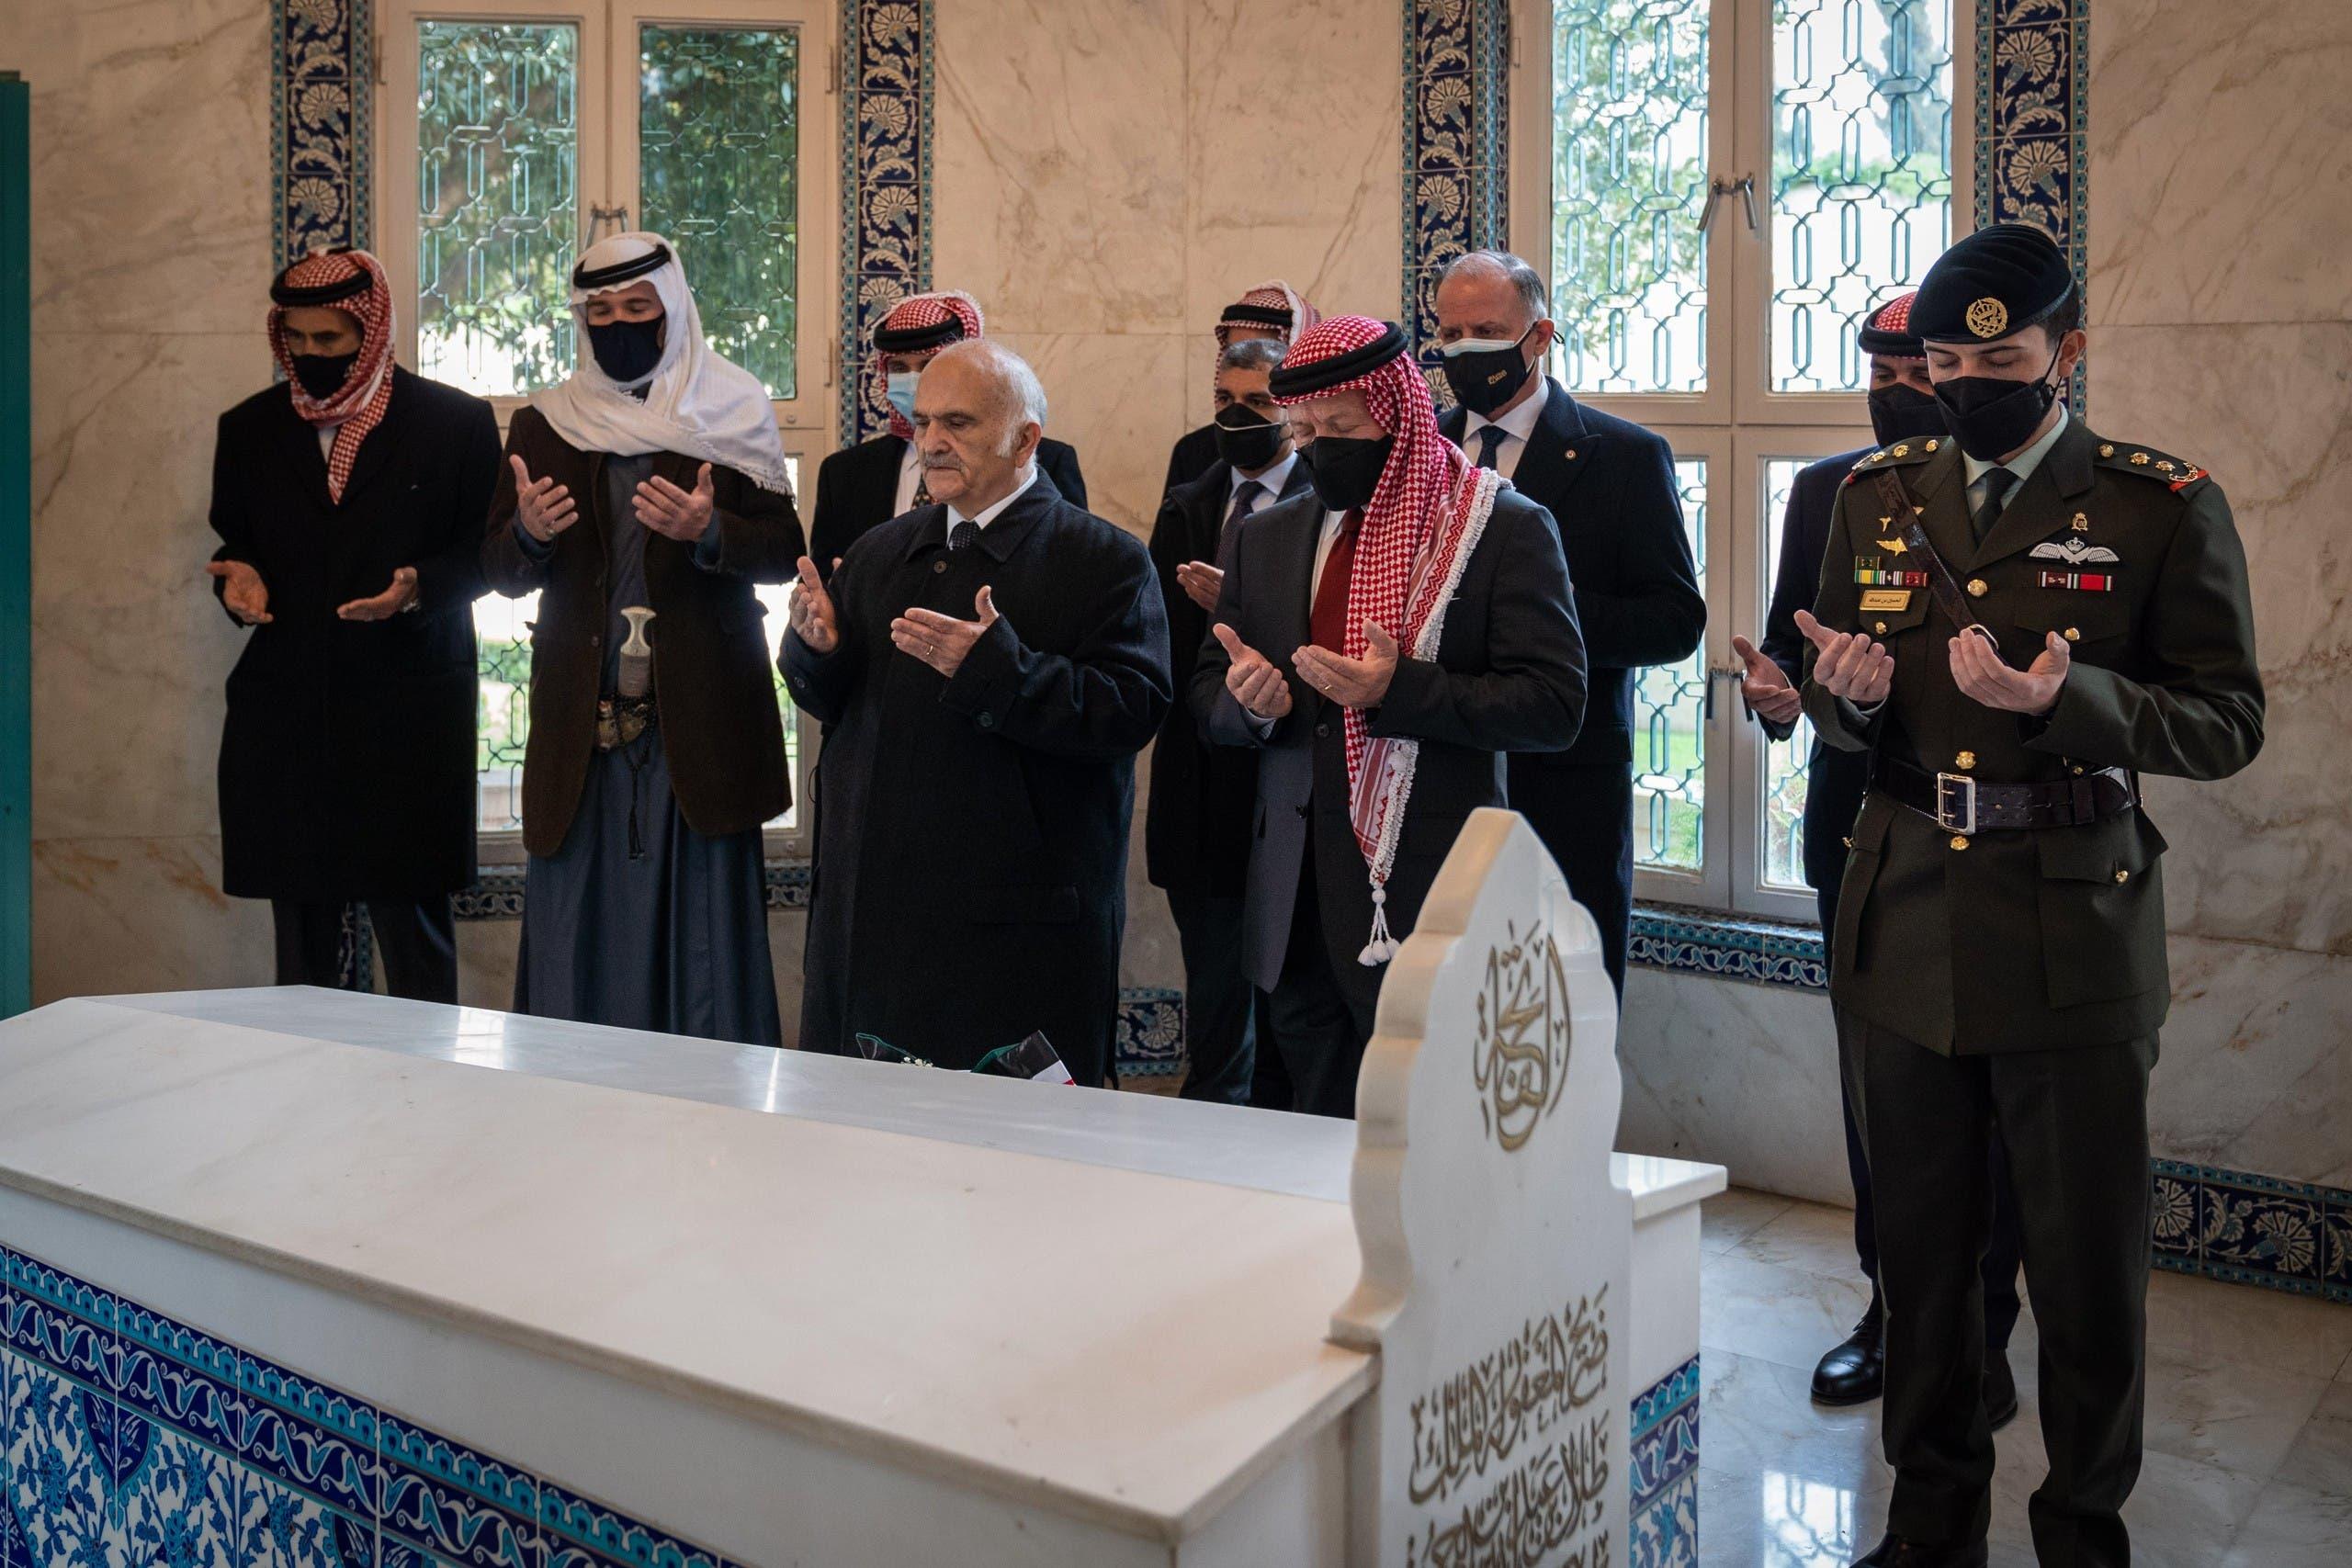 أول ظهور مشترك لعاهل الأردن الملك عبدالله وولي العهد السابق الأمير حمزة منذ الأزمة